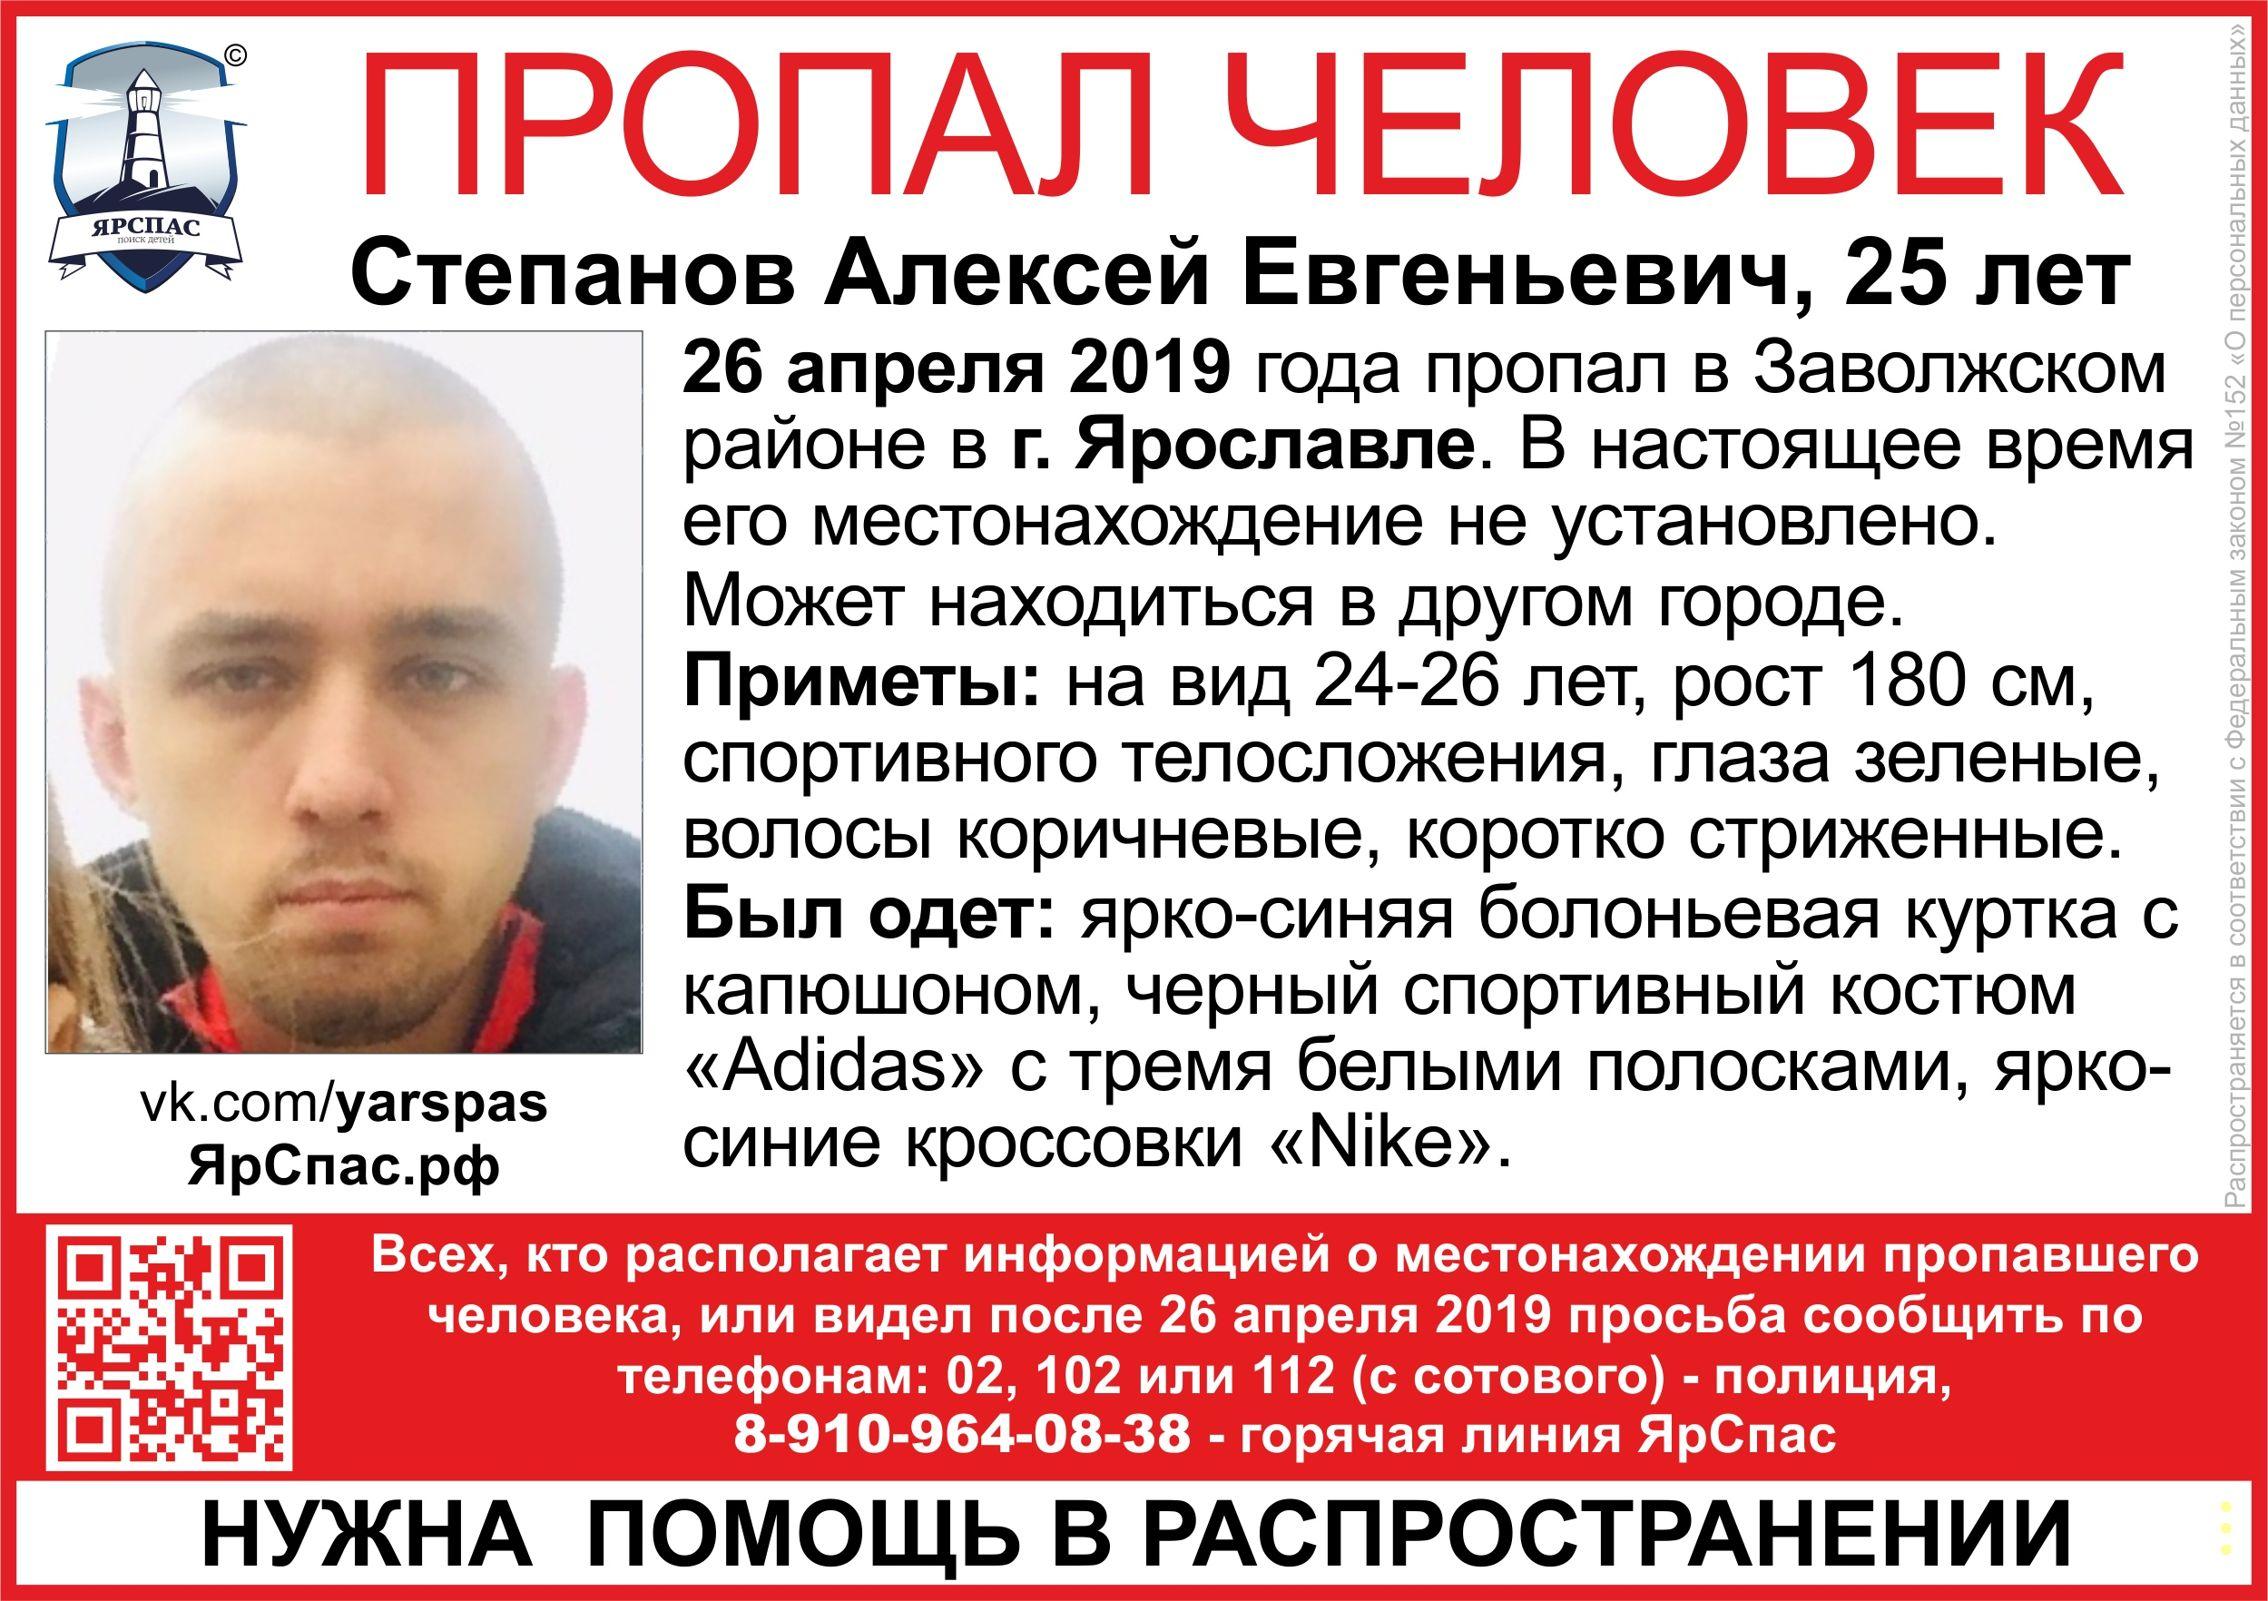 В Ярославле пропал молодой мужчина